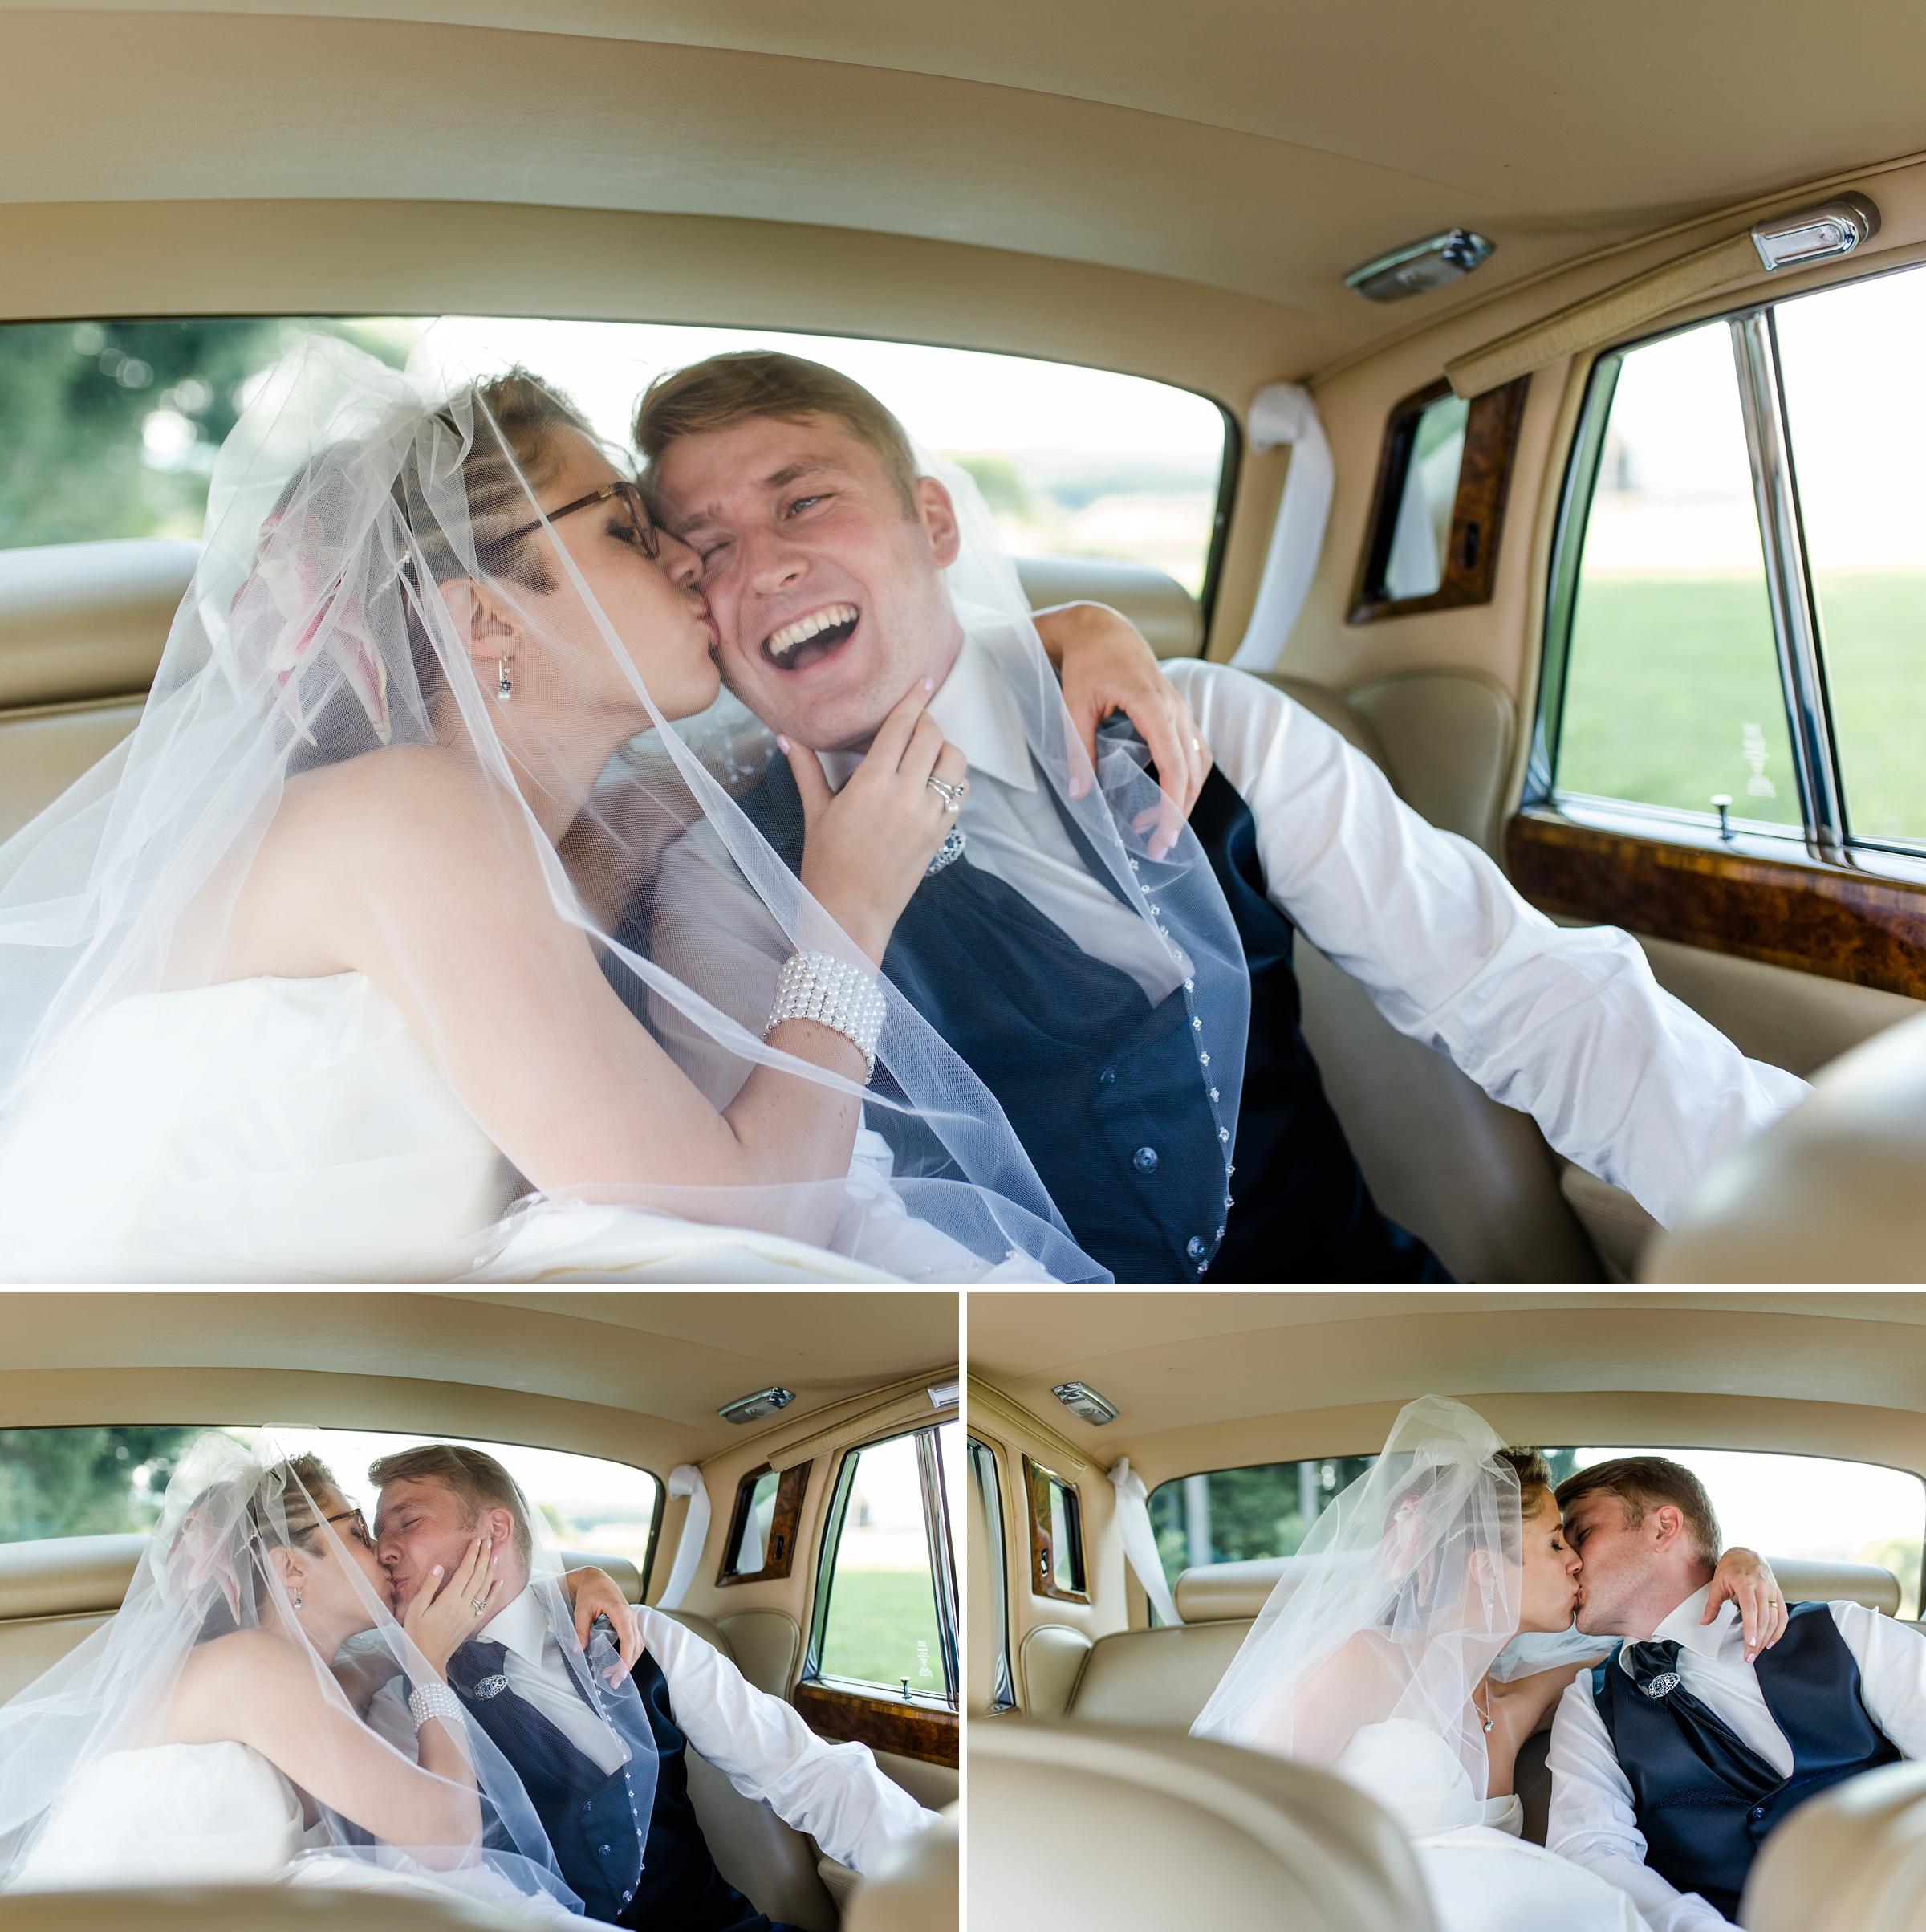 Hochzeitsfotograf-Zuerich-lustiges-Brautpaar-Rolls-Royce-Kuss